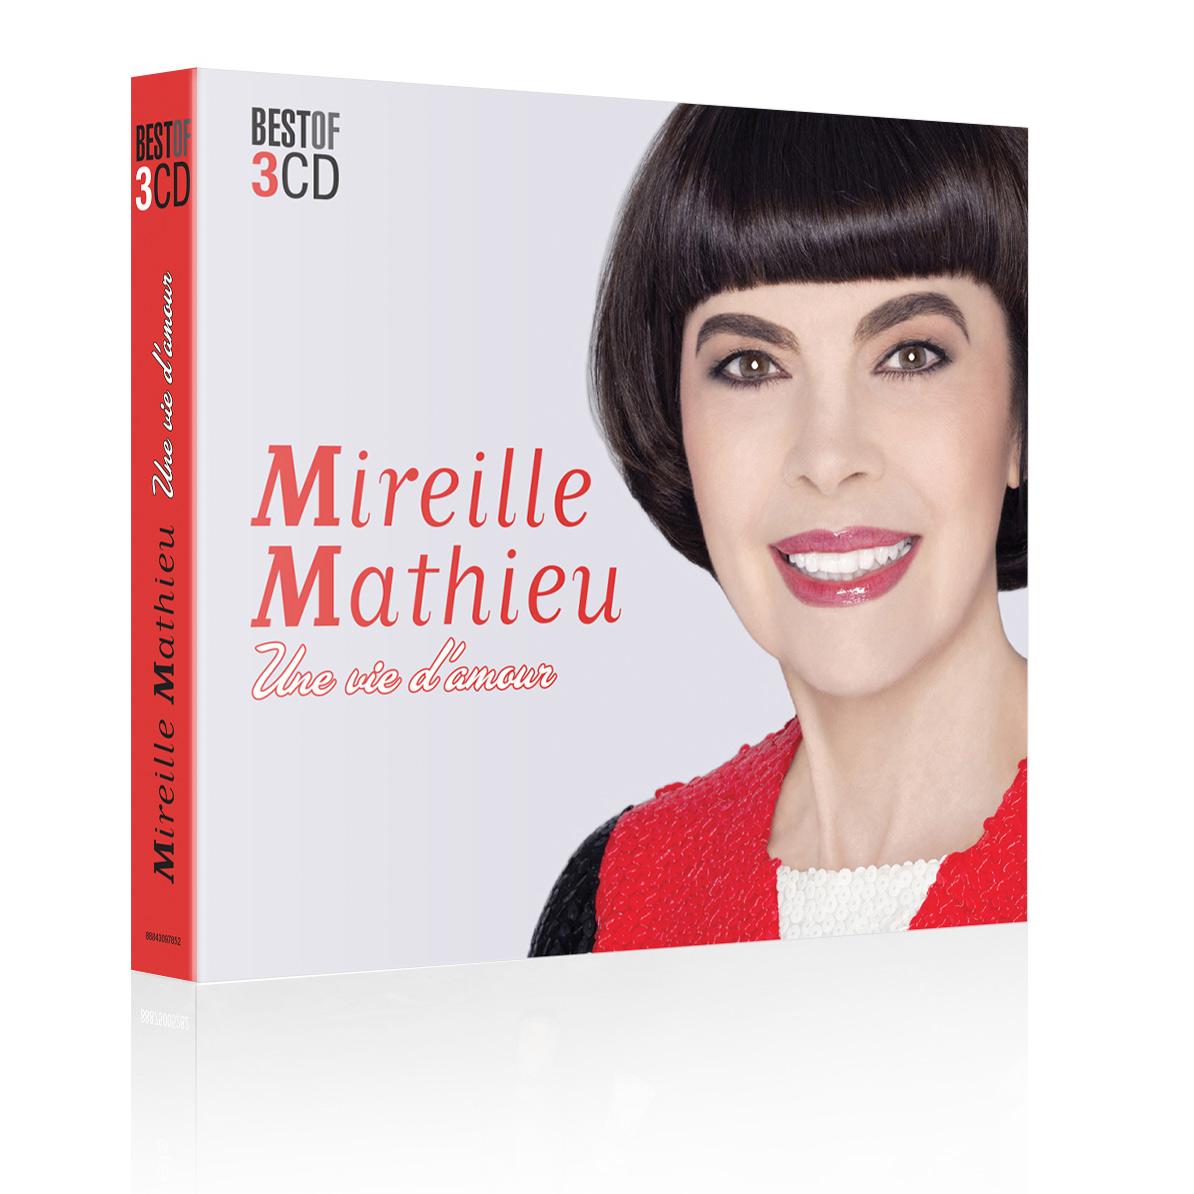 Mireille Mathieu - Une Histoire D'Amour (Du Film